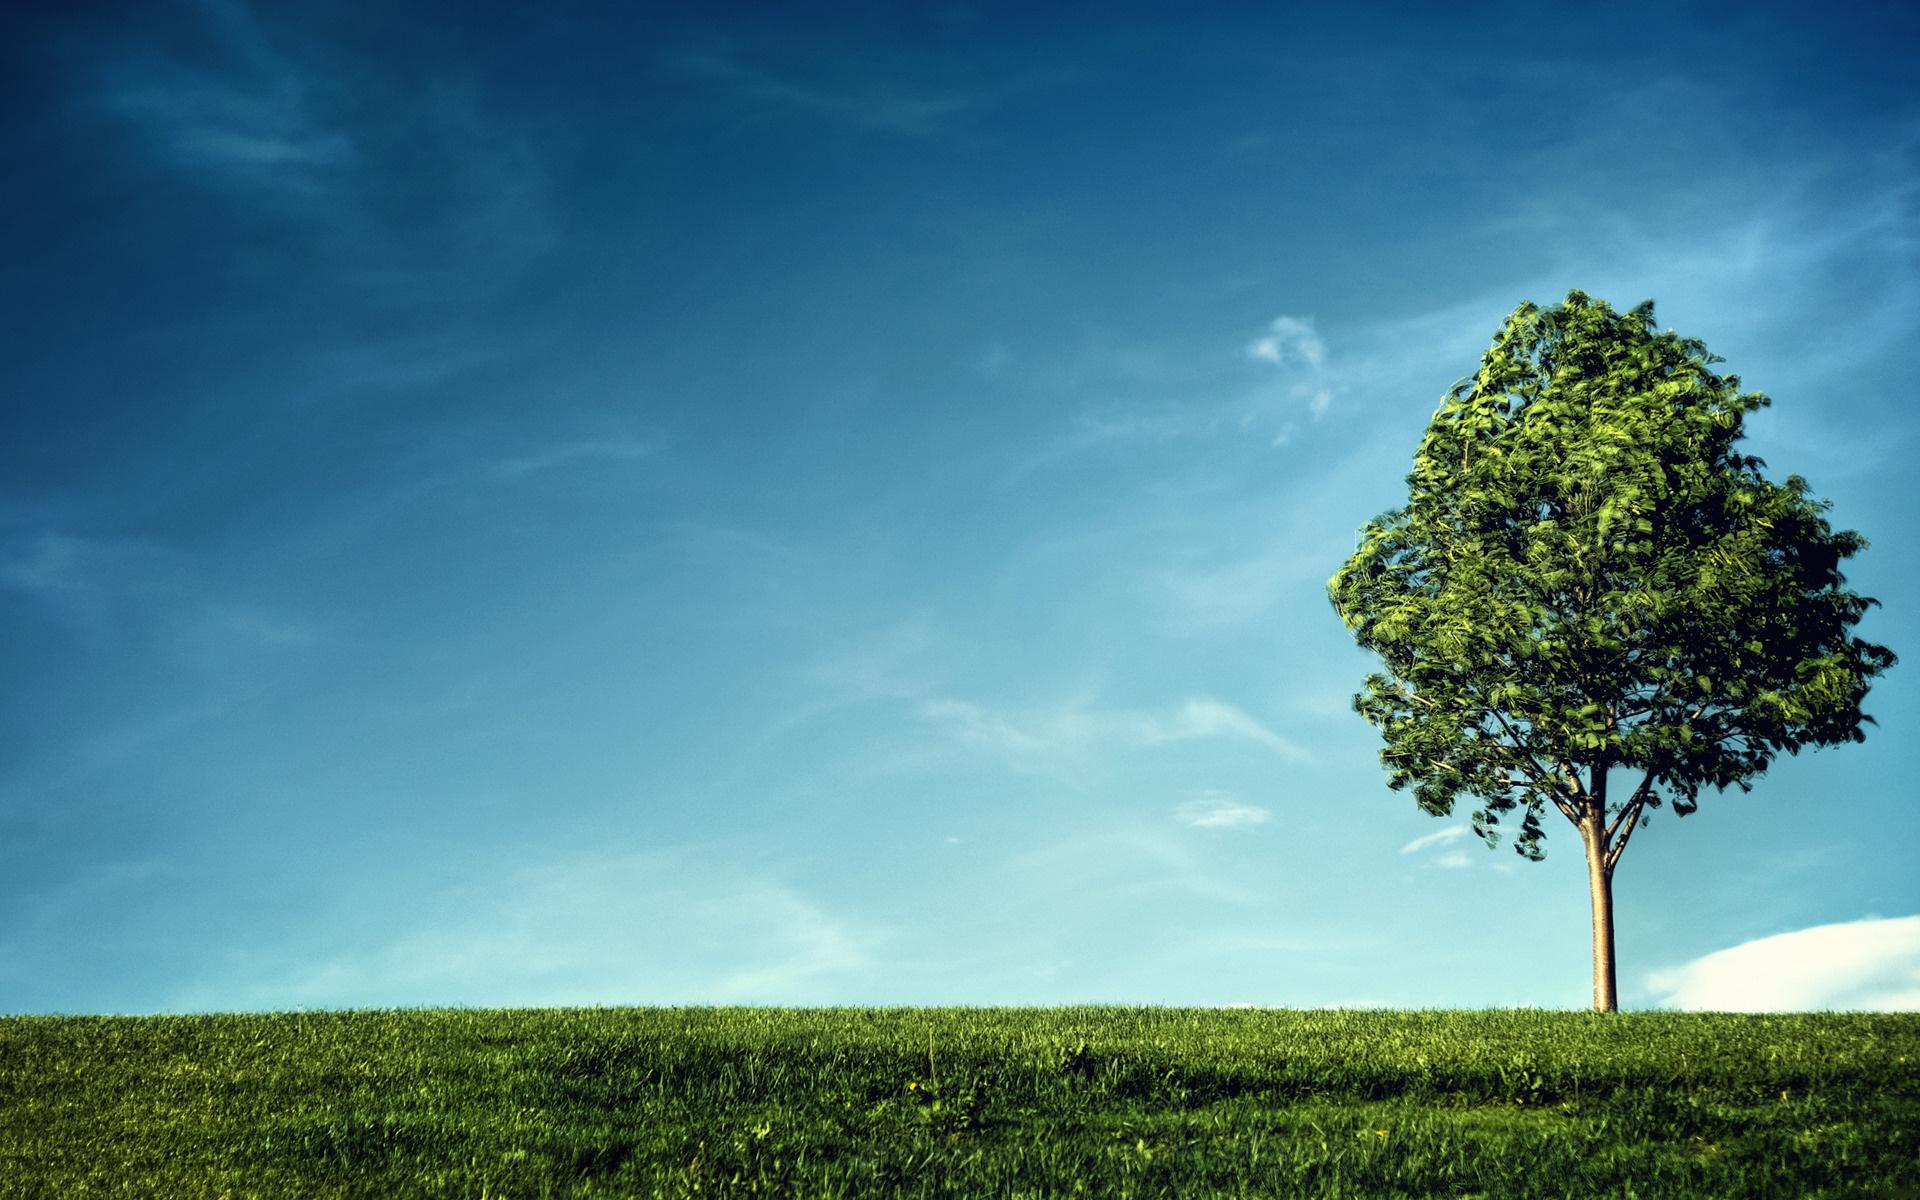 tree-sky-blue-sky-grass-nature